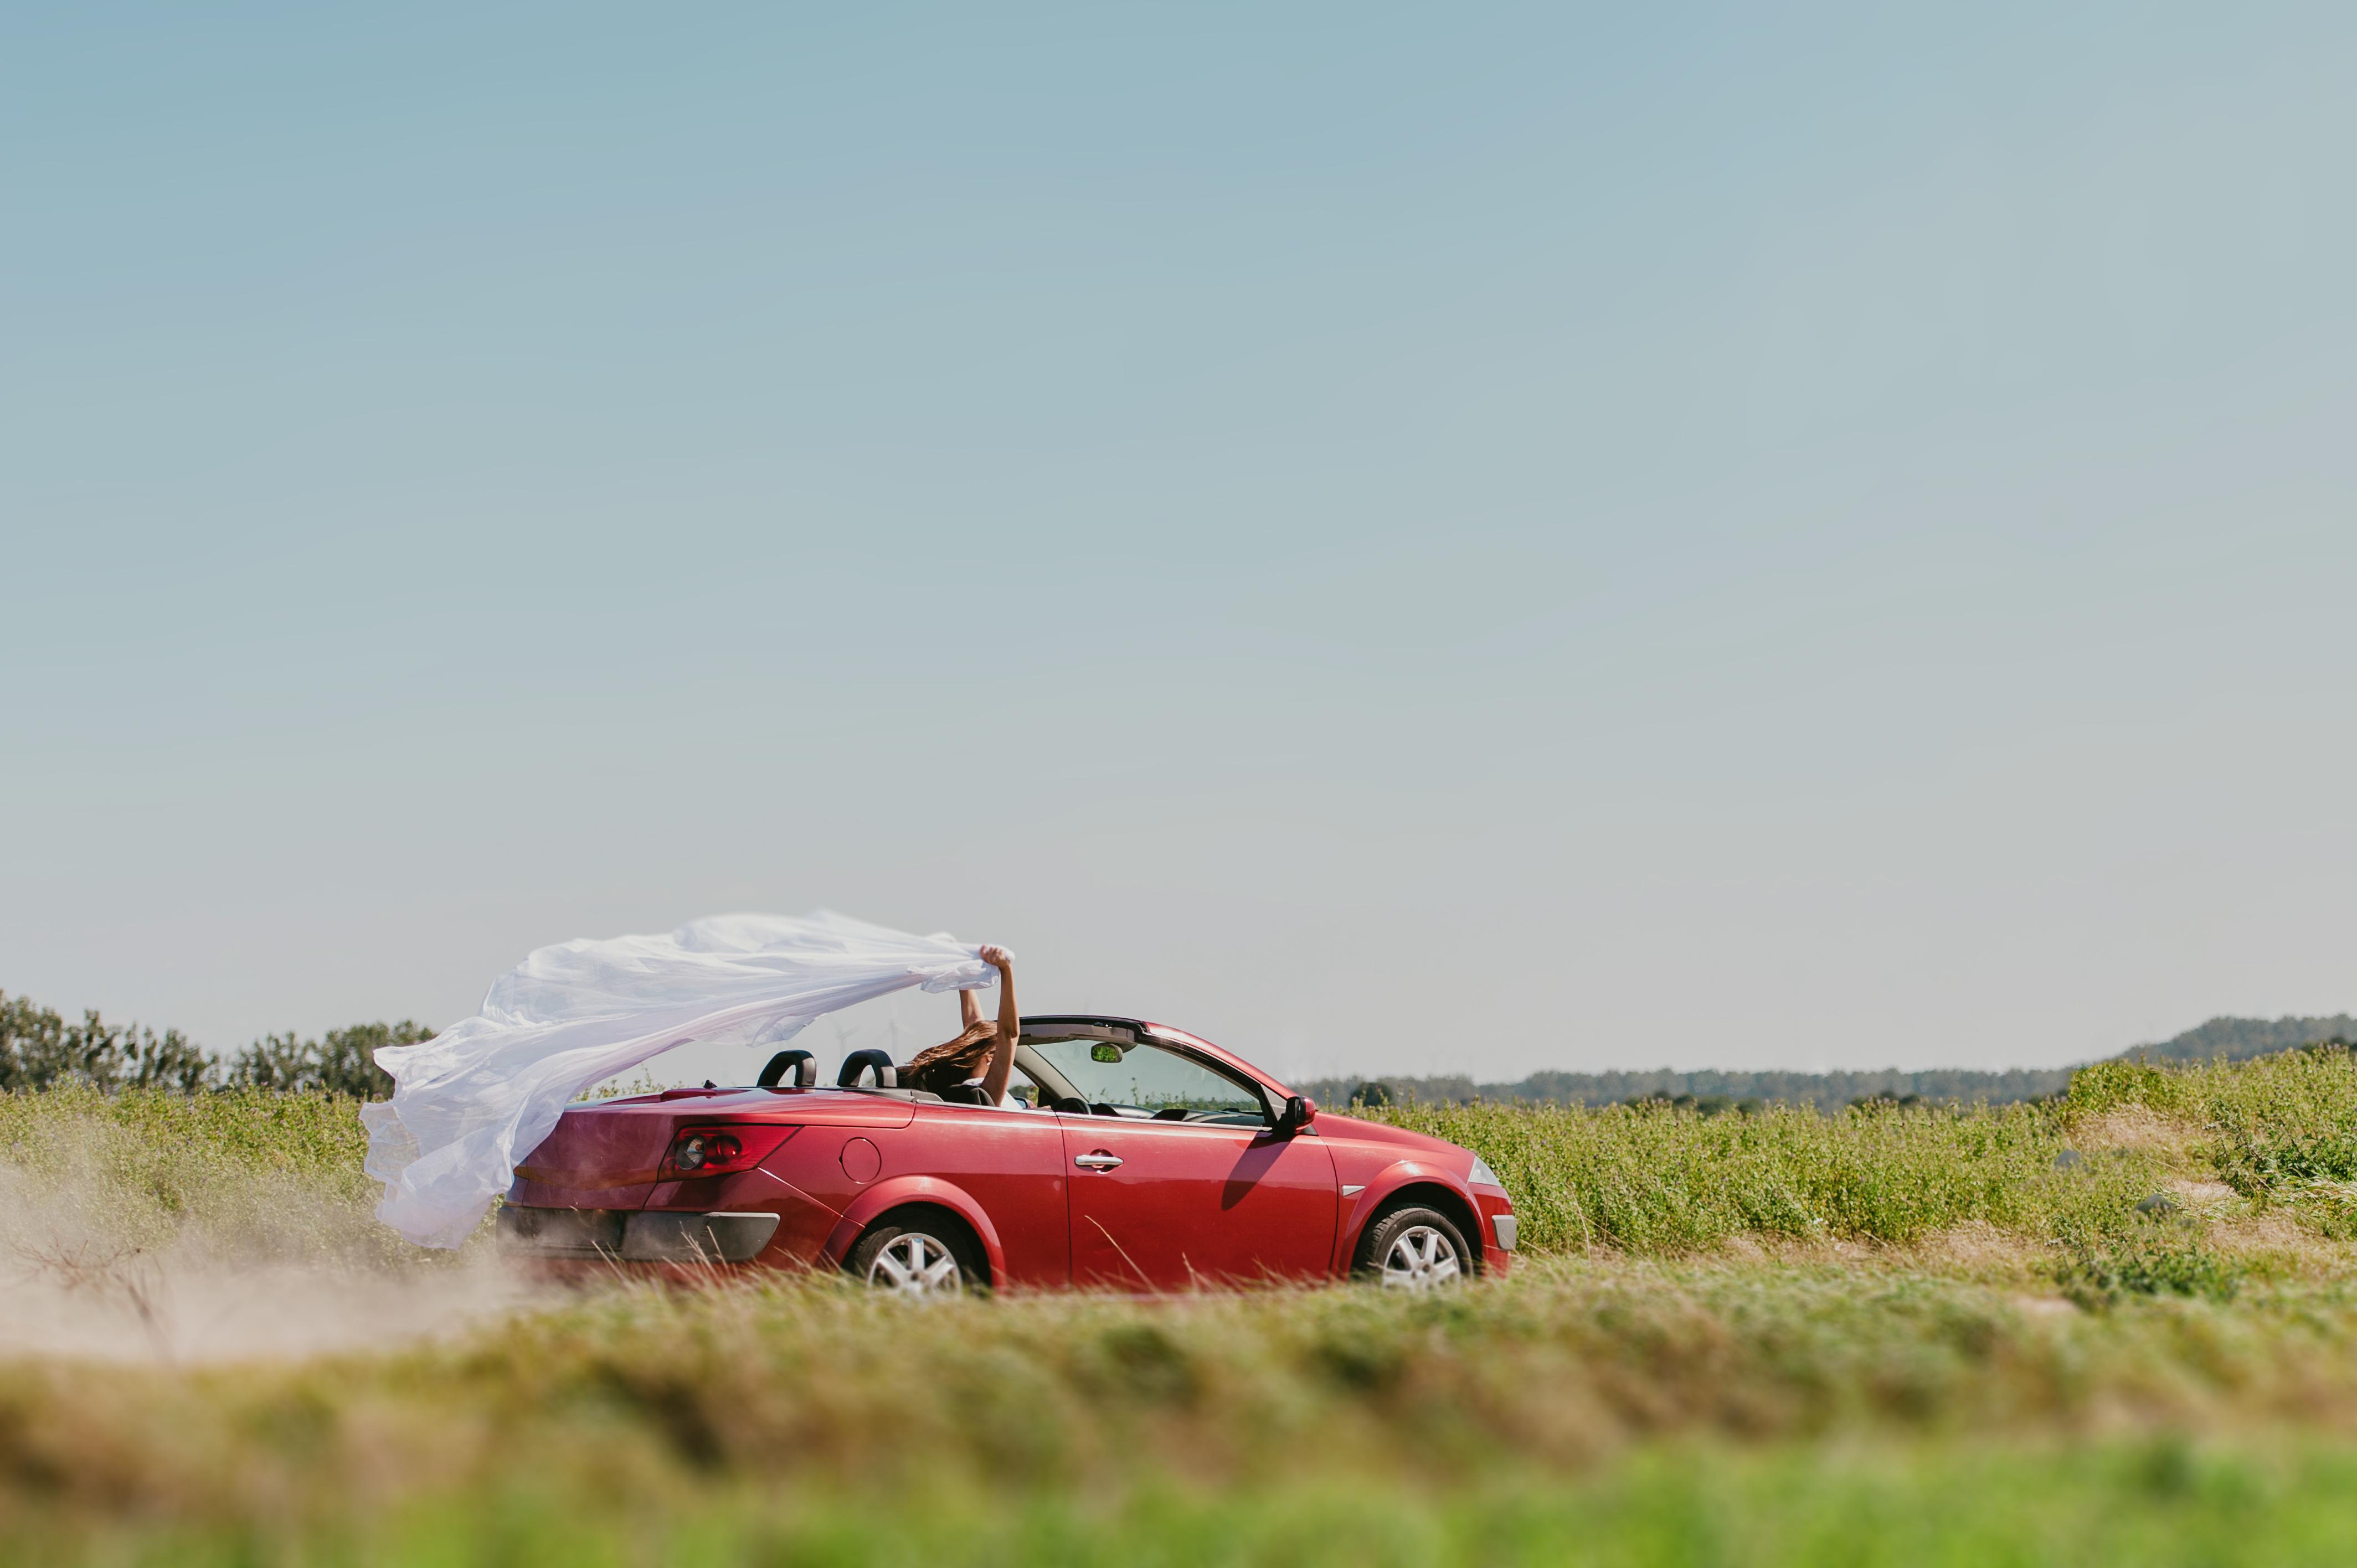 Аренда свадебного автомобиля: почему стоит воспользоваться этой услугой?